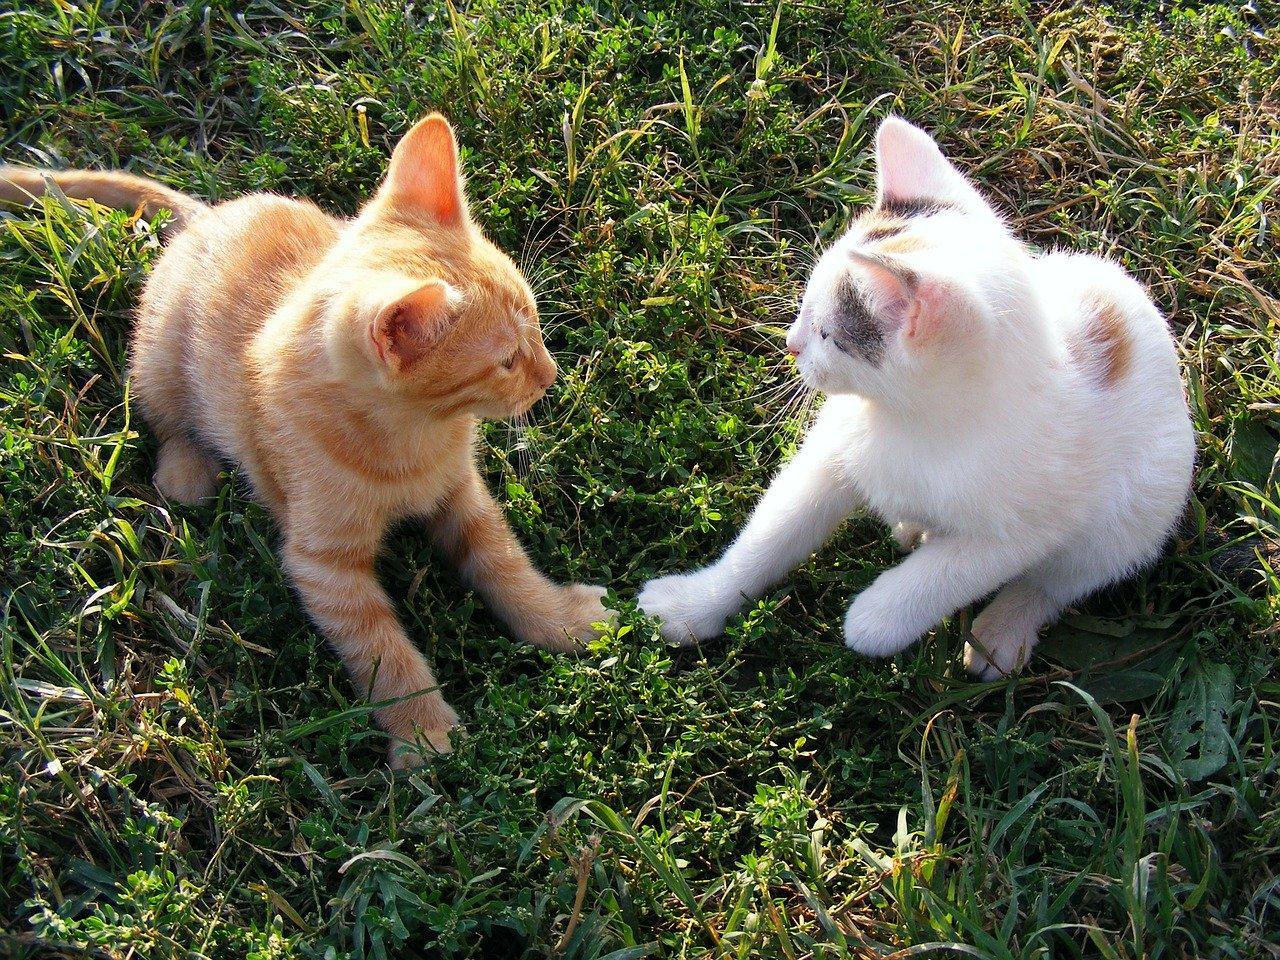 cucciolo di gatto sull'erba